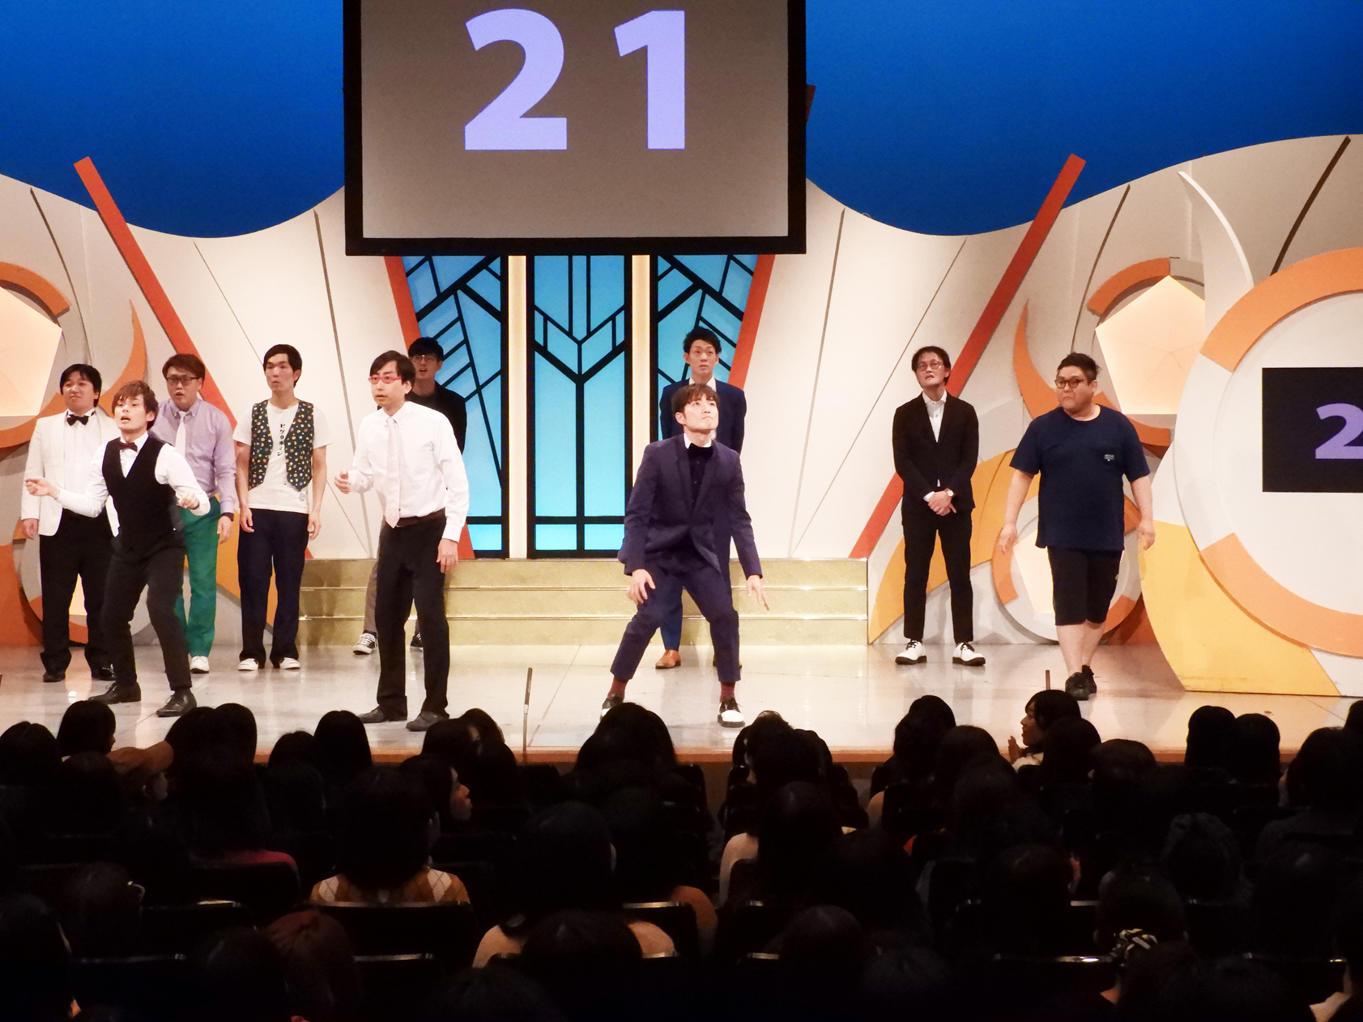 http://news.yoshimoto.co.jp/20180208181458-d463acf69172603607e73d11dd35f7ed64ab469c.jpg